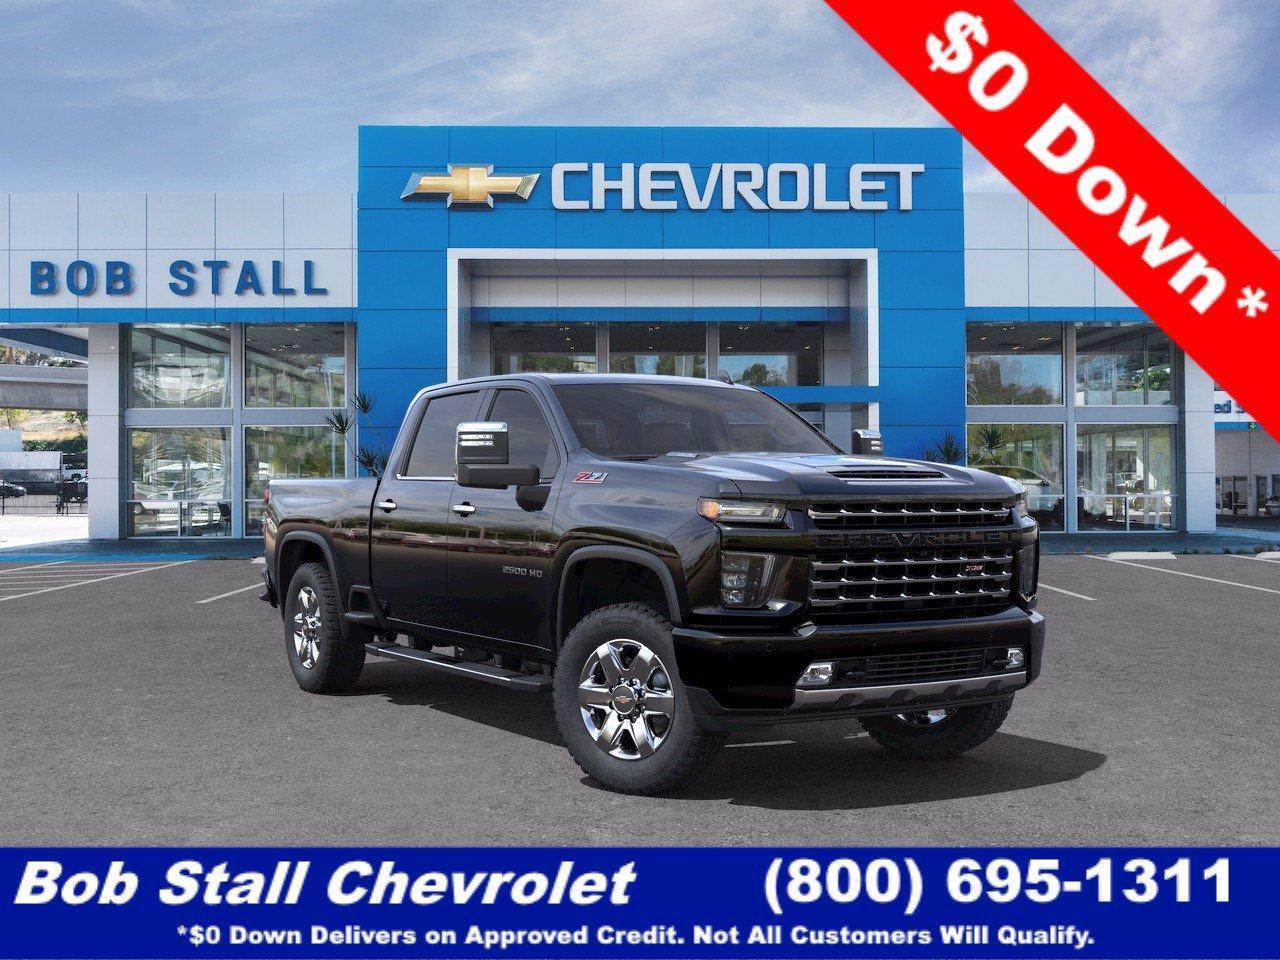 2021 Chevrolet Silverado 2500HD Vehicle Photo in La Mesa, CA 91942